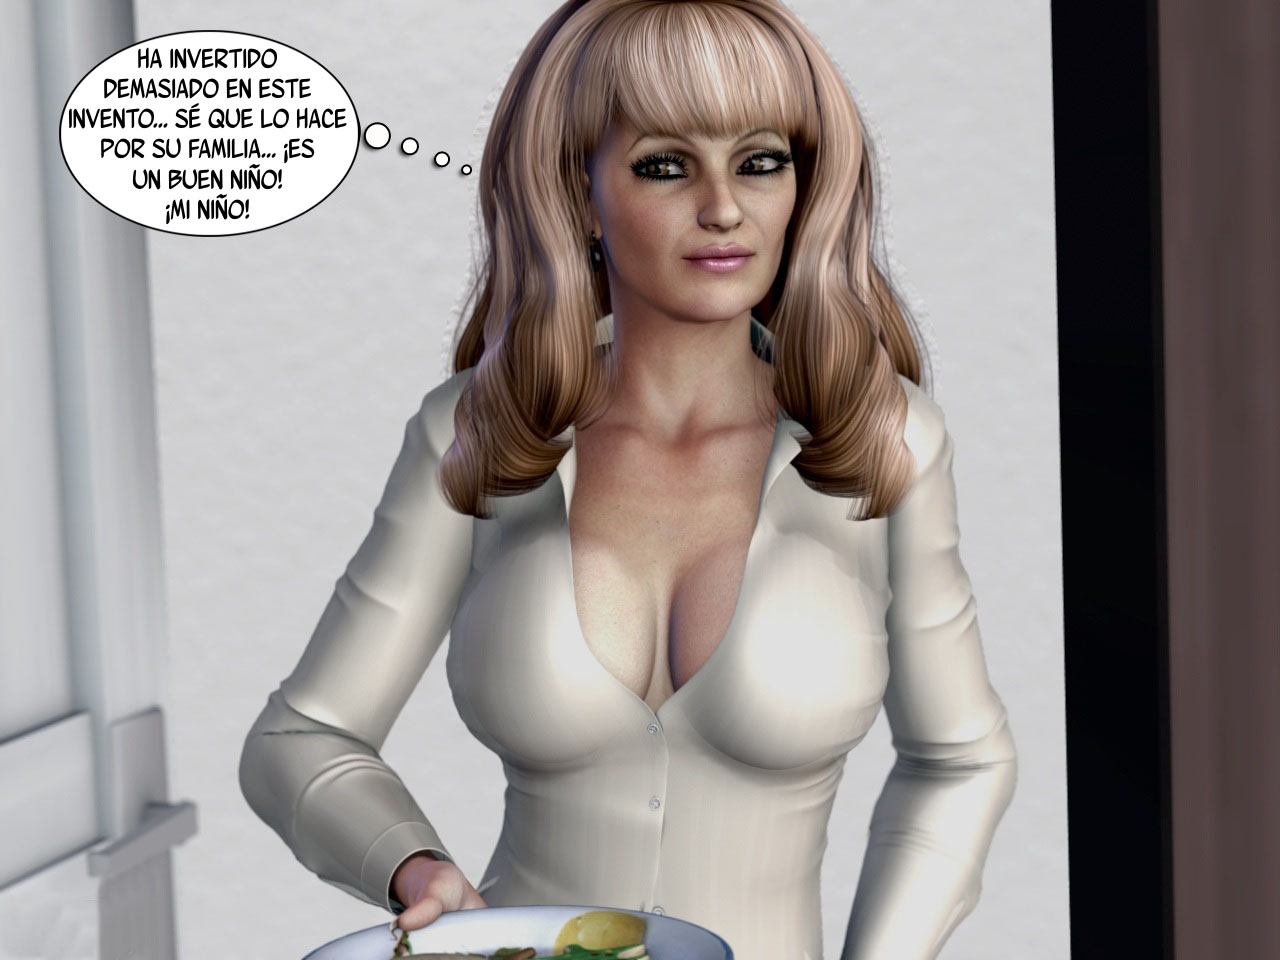 La maquina - Comic XXX (3D)